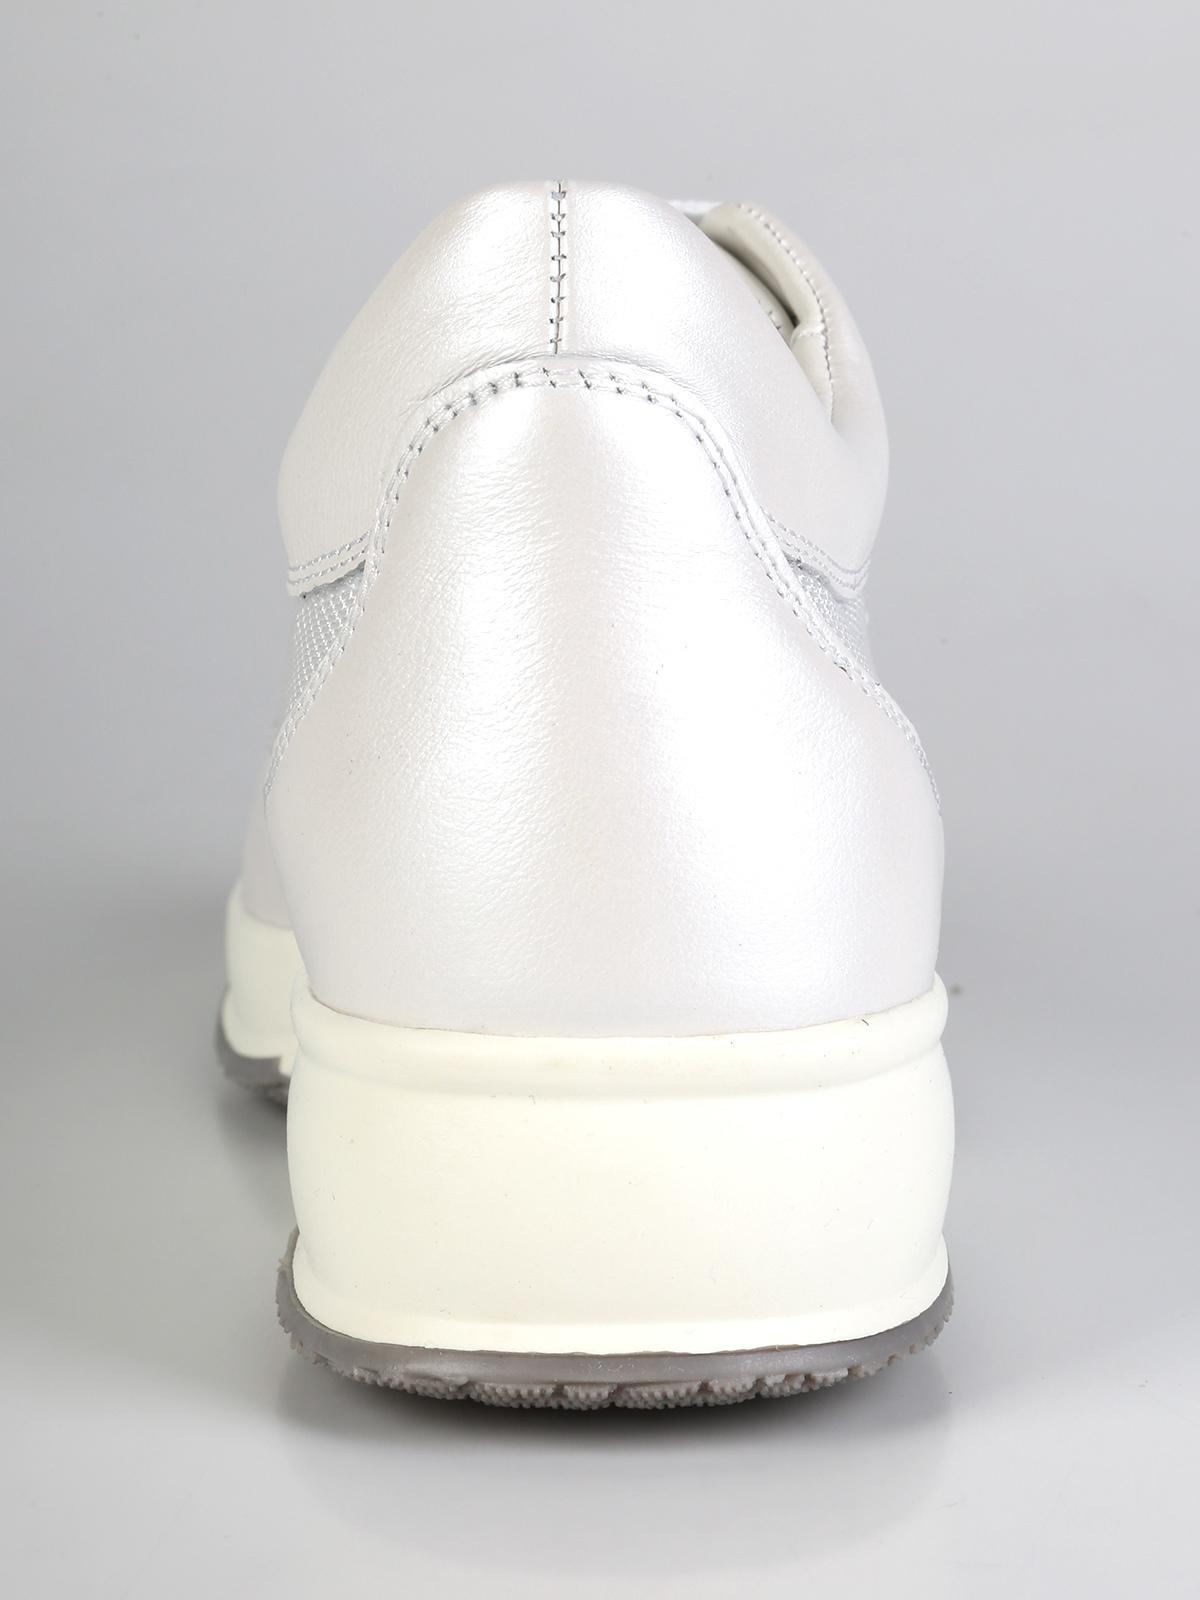 Scarpe casual bianche in pelle e tessuto con zeppa interna